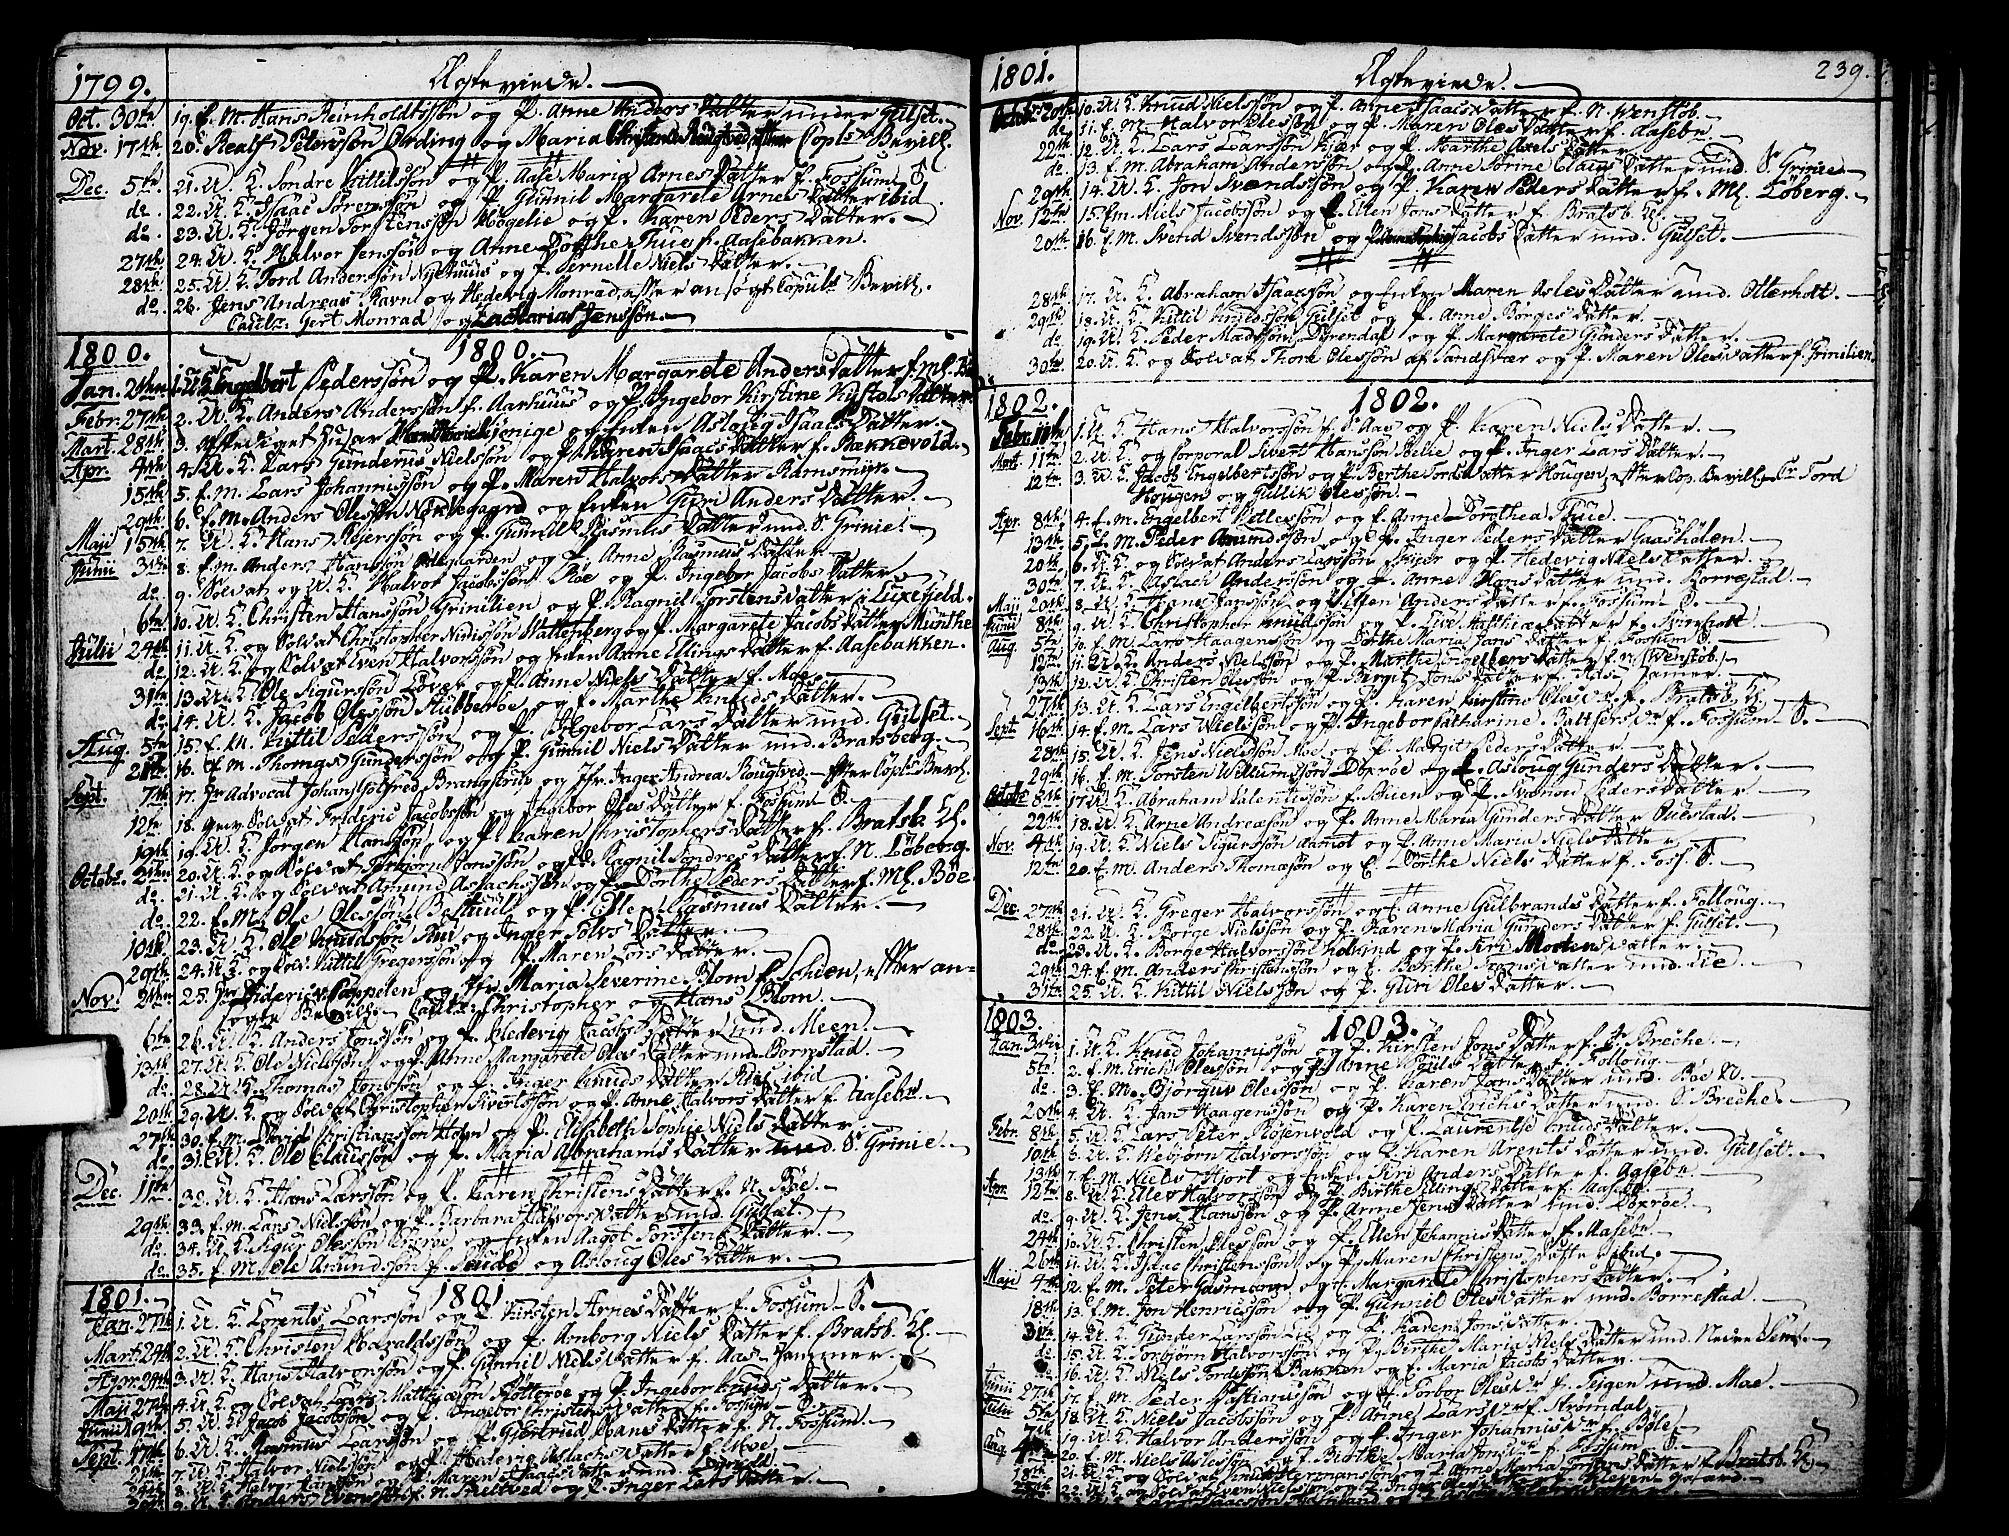 SAKO, Gjerpen kirkebøker, F/Fa/L0003: Ministerialbok nr. 3, 1796-1814, s. 239